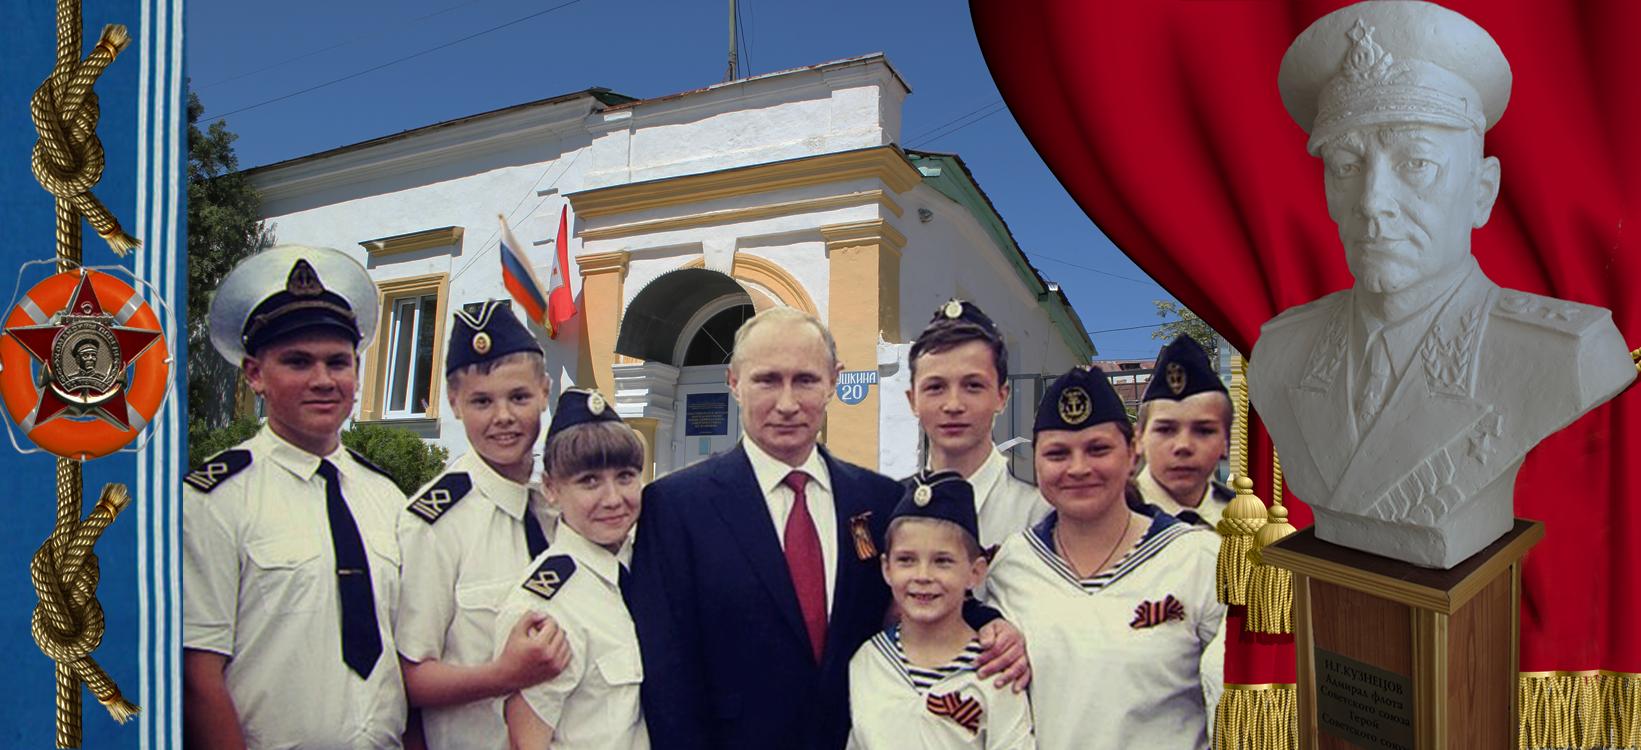 Севастополь сайт горсовета бесплатный хостинг и домен.kz